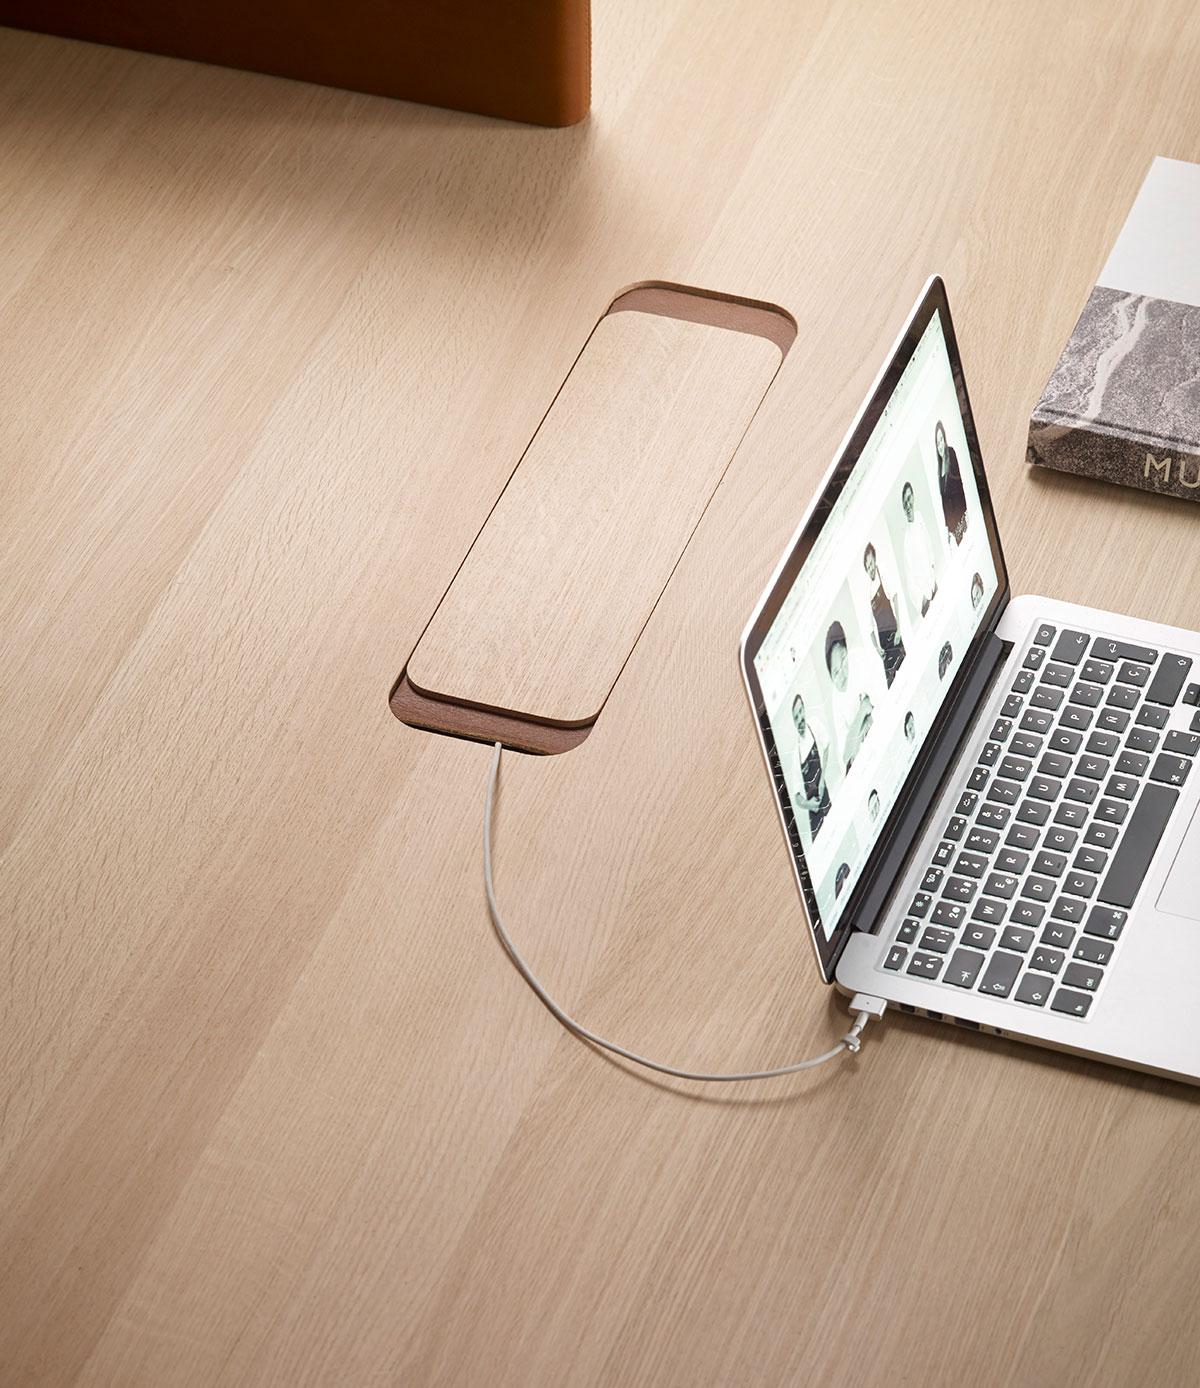 Mesa de trabajo Heldu (tapa cubriendo el acceso a la electricidad), diseñada por Iratzoki & Lizaso. Imagen cortesía de © Alki